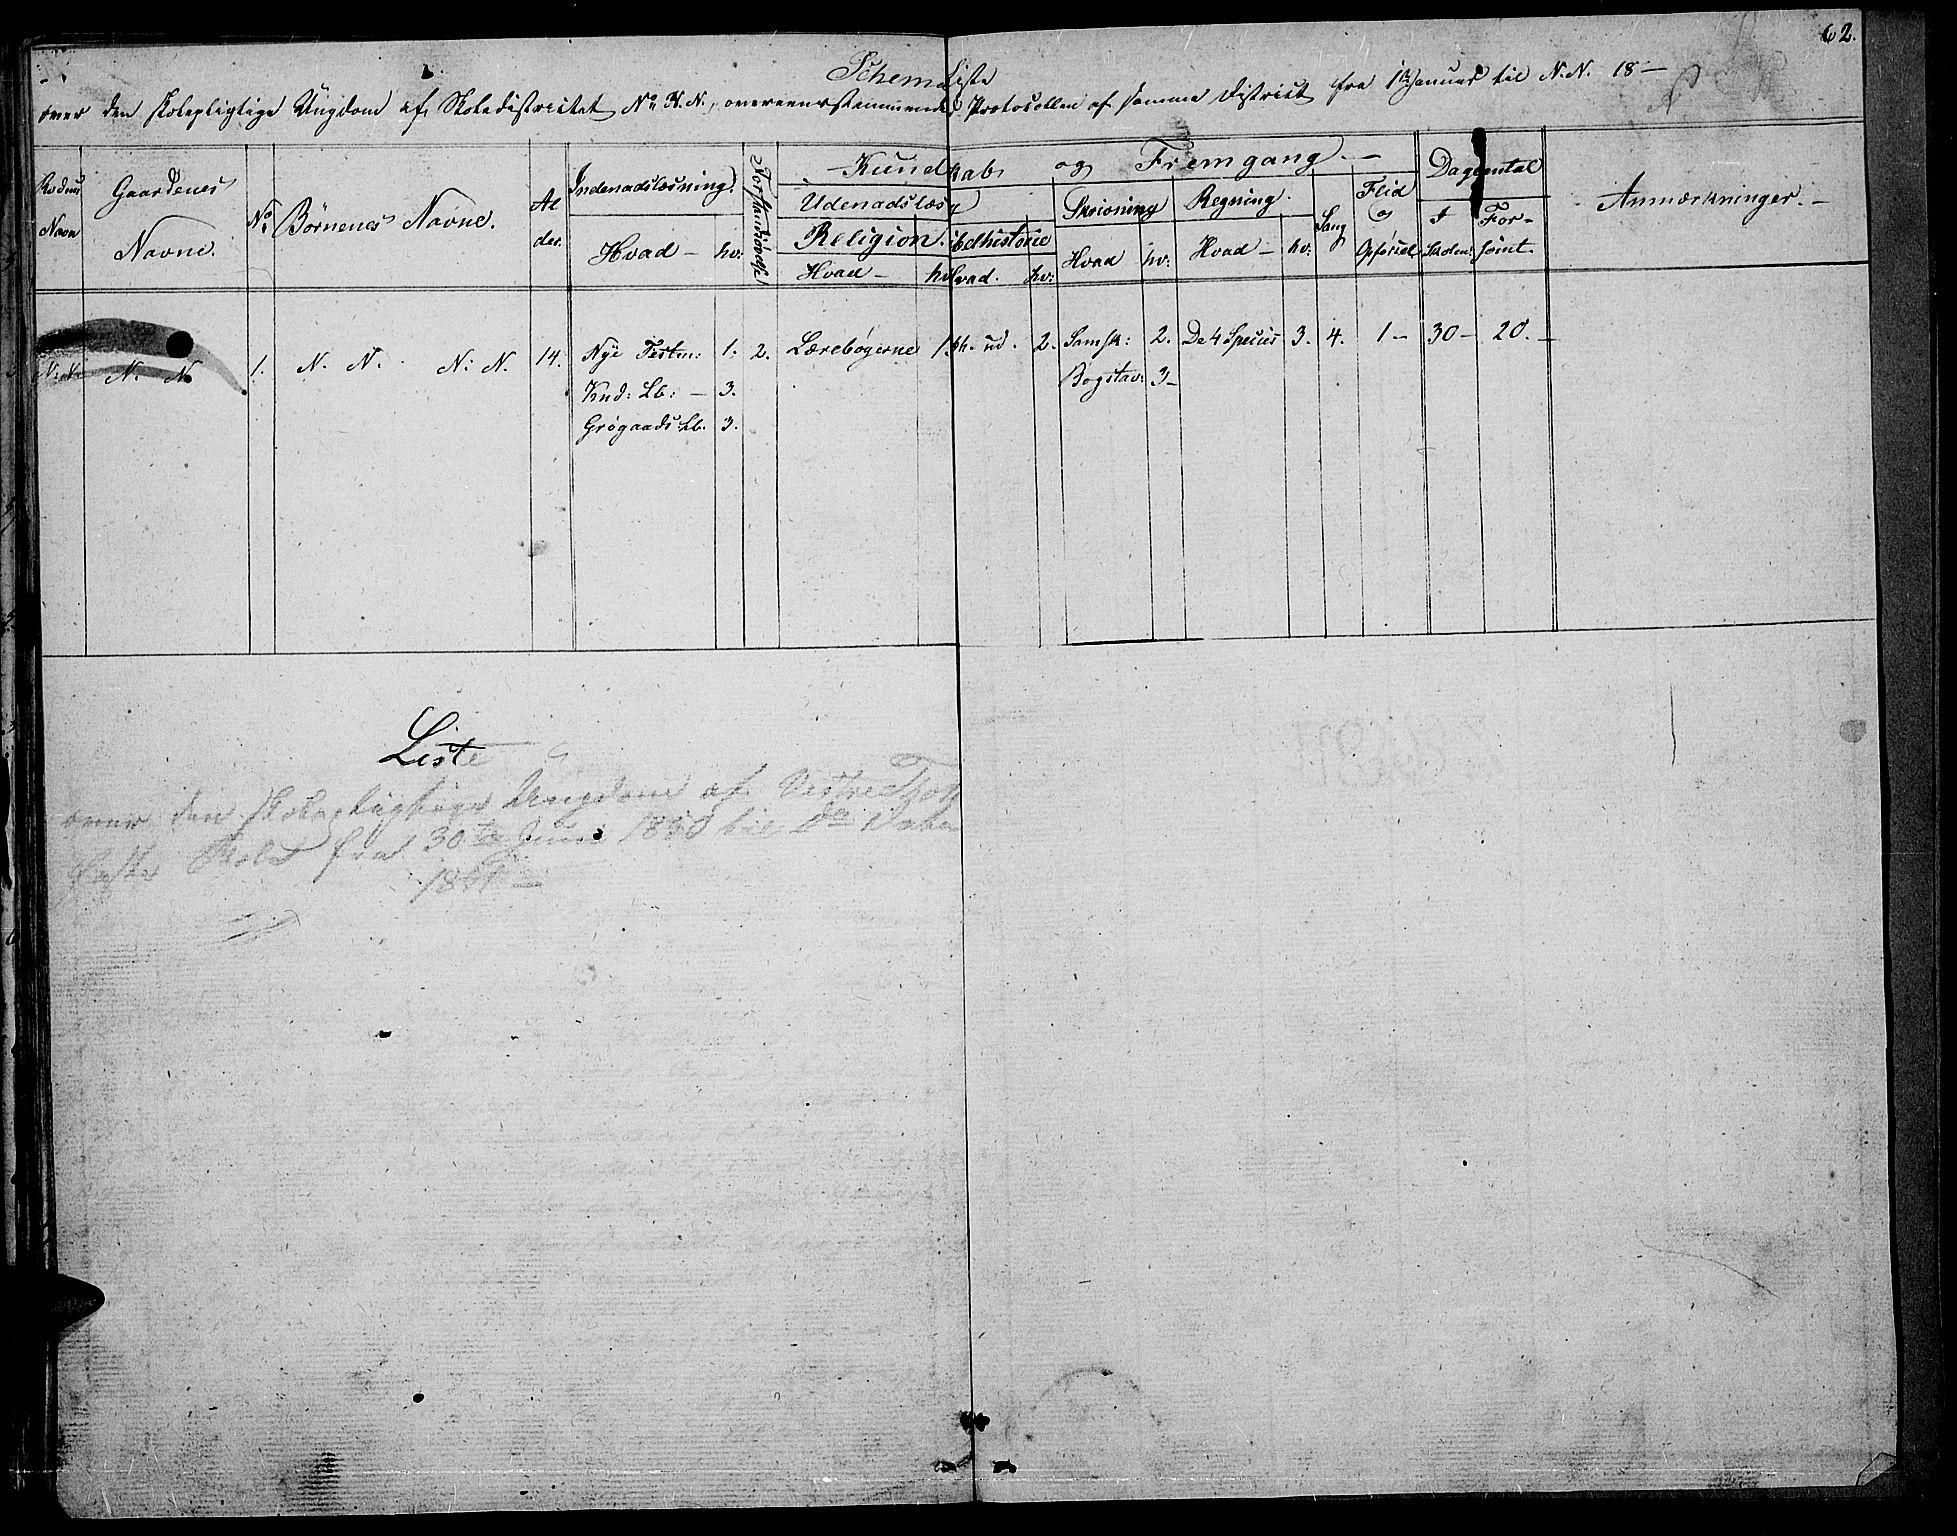 SAH, Vestre Toten prestekontor, Klokkerbok nr. 3, 1846-1854, s. 62